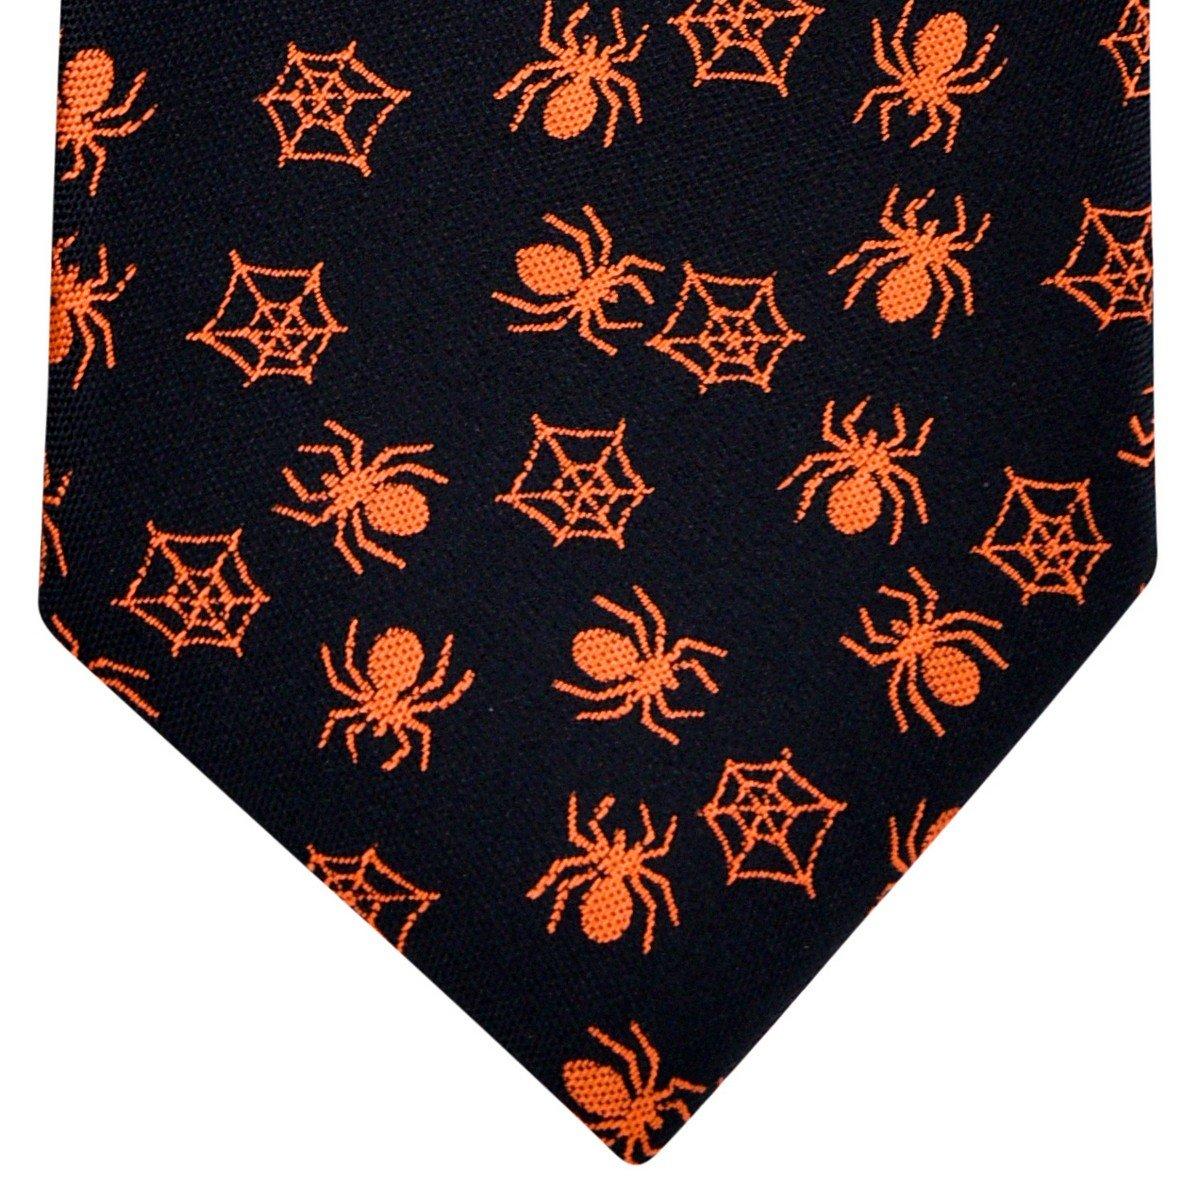 Retreez Joyful Fun Happy Halloween Pattern Woven Boys Tie 8-10 years